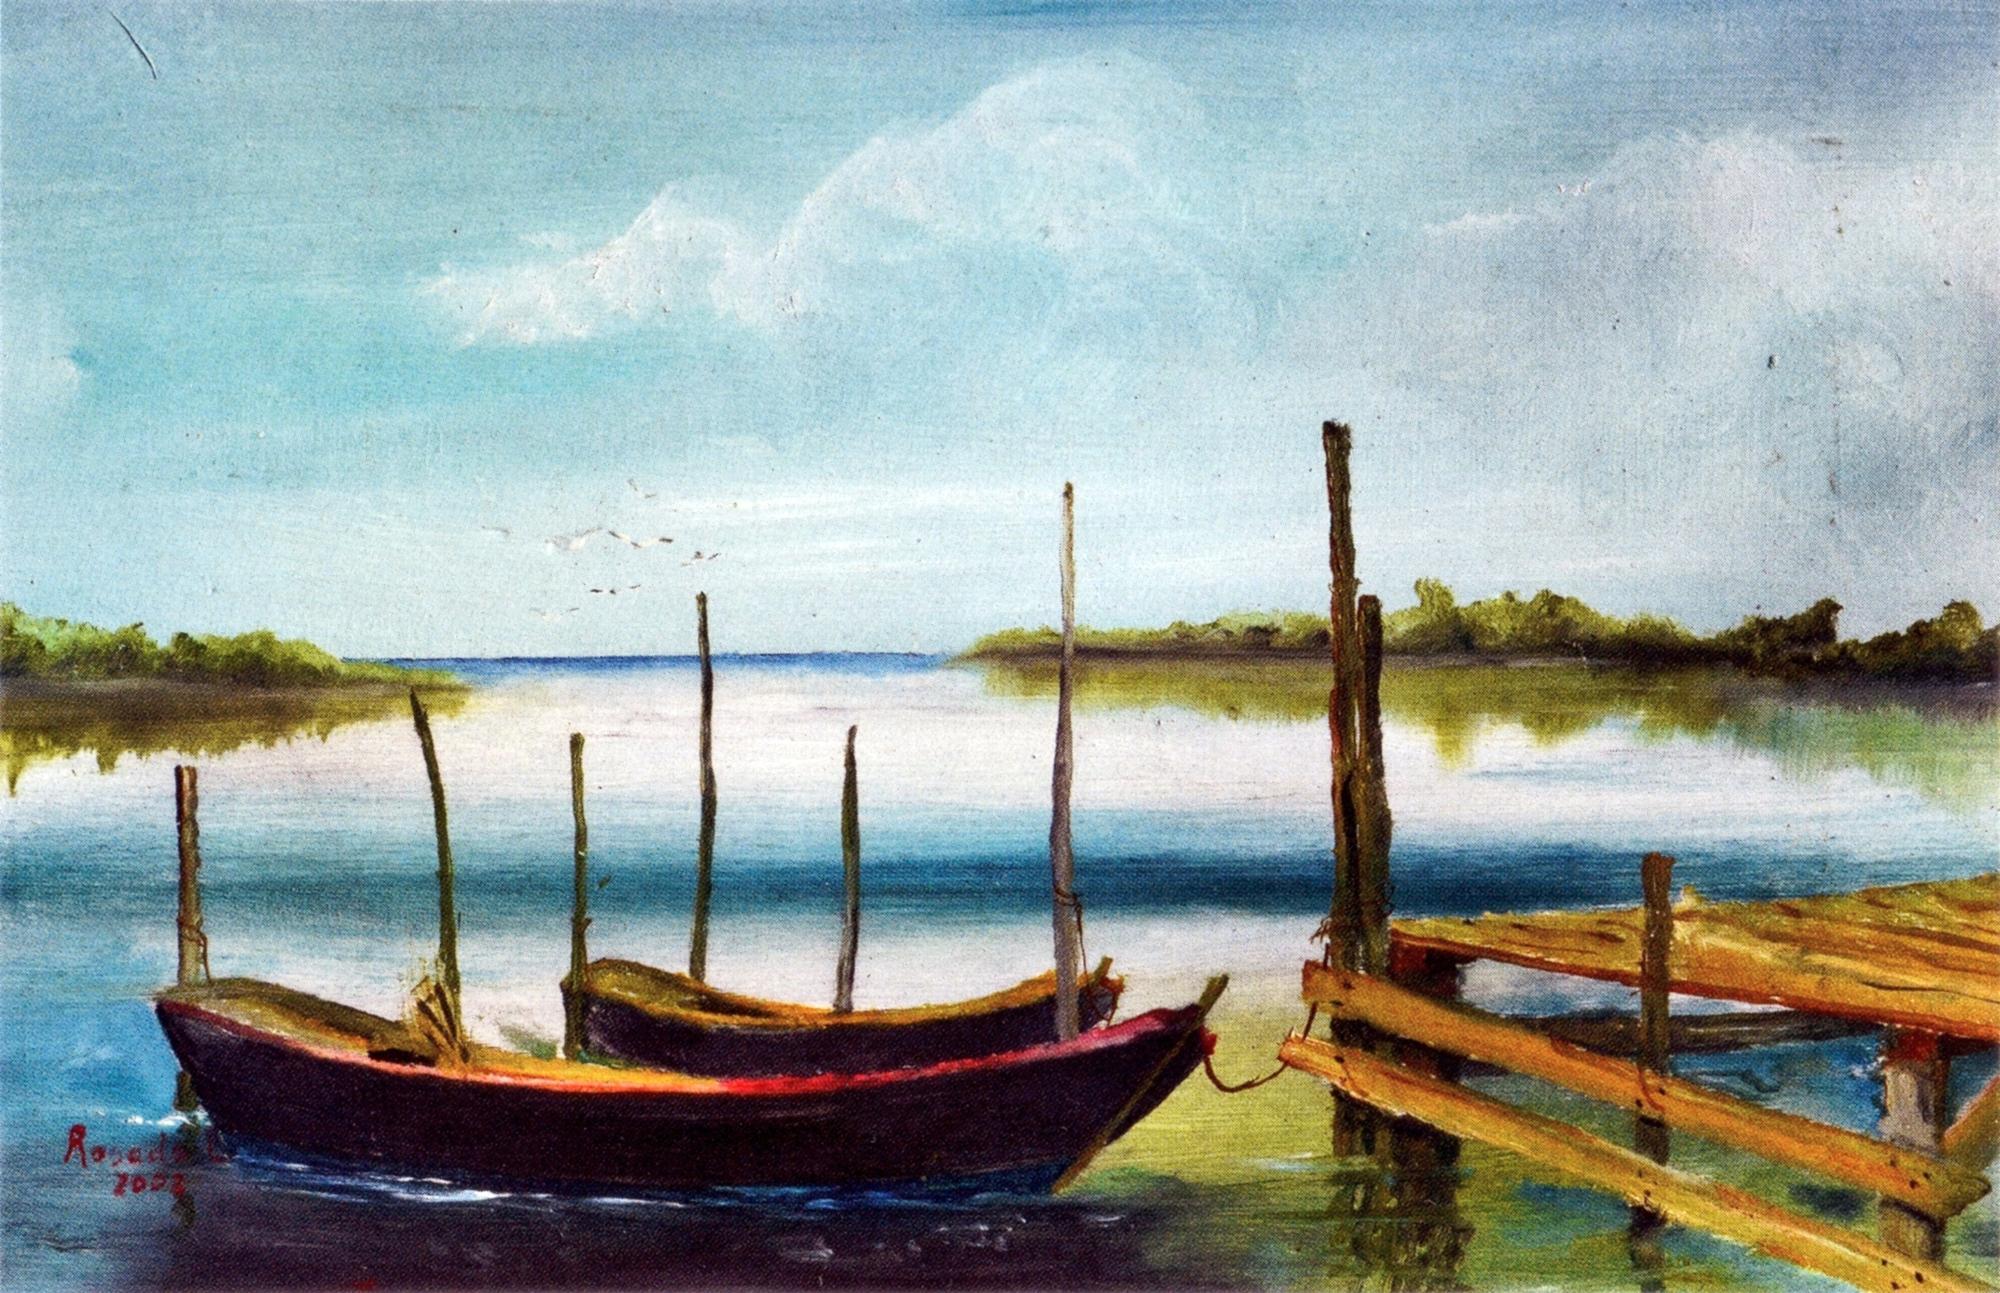 L'acqua è il principale soggetto delle opere di Luciano Rosada.